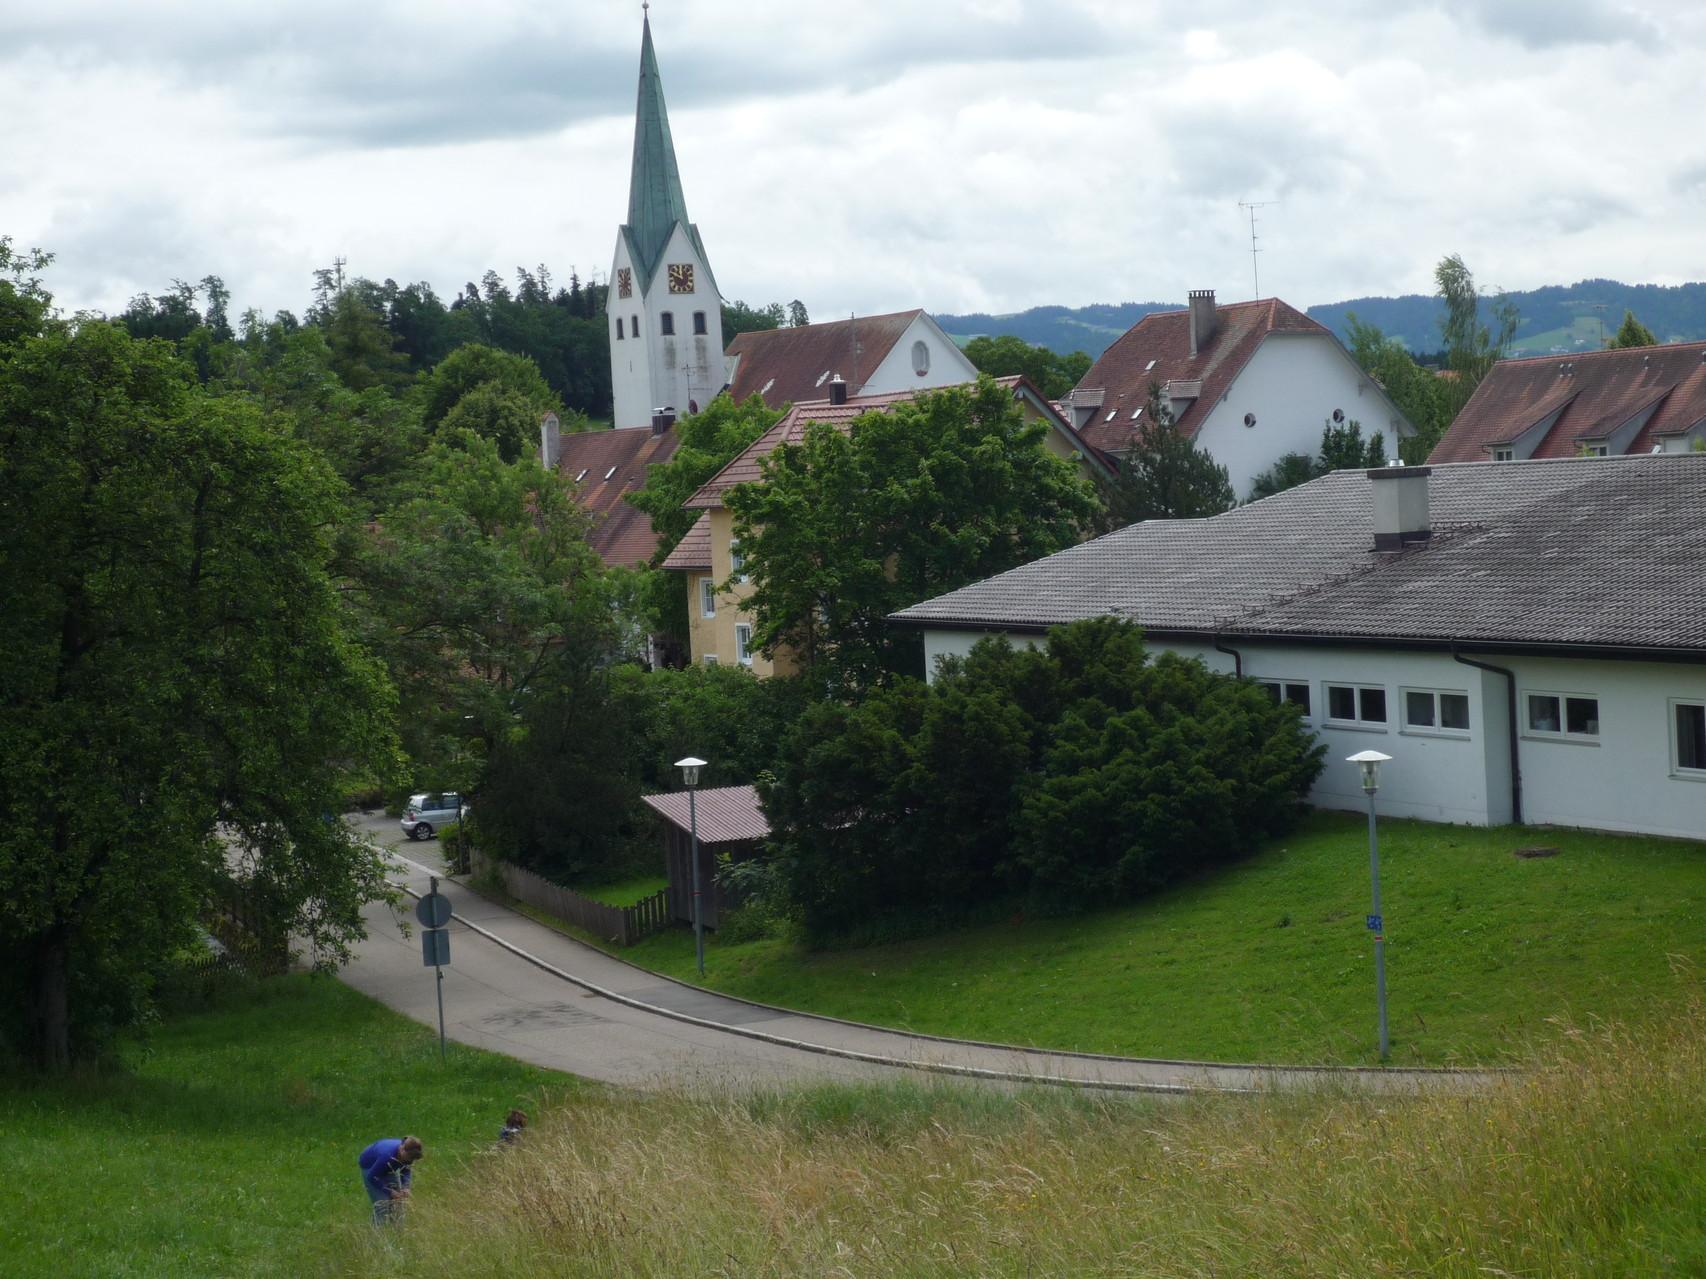 """Blick vom """"Hangnach"""" auf die katholische Kirche St. Pelagius, rechts im Vordergrund der Kindergarten"""